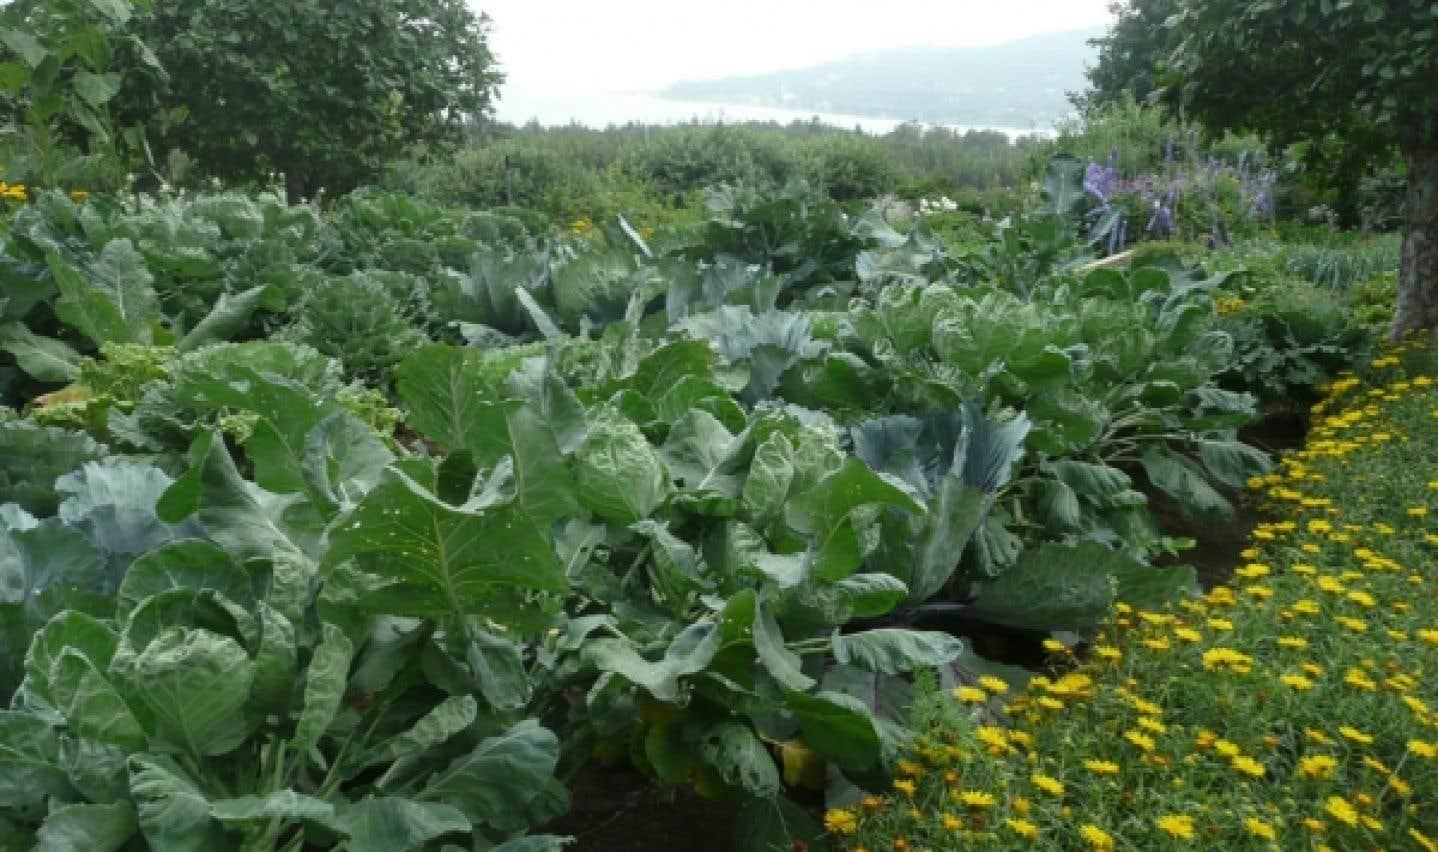 L'essentiel en jardinage réside dans les amendements et la fertilisation raisonnée.